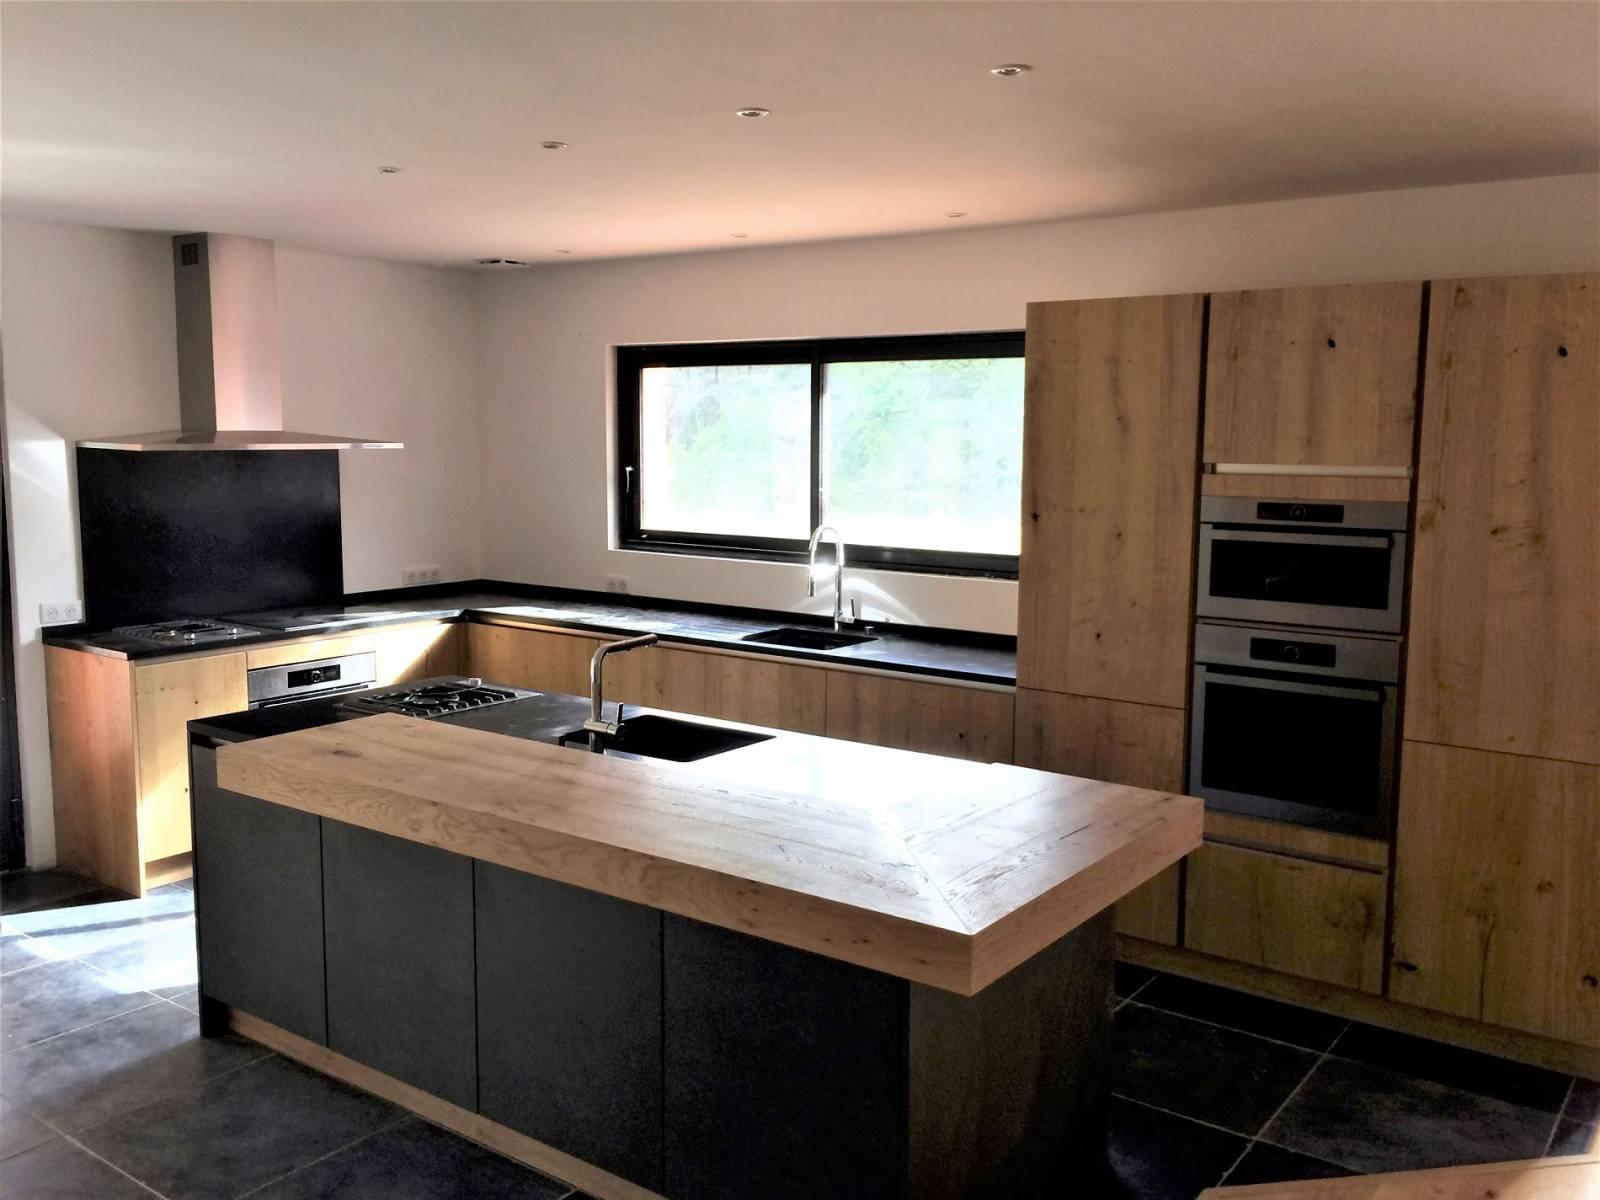 acheter cuisine avec lot central libourne conception de cuisines allemandes libourne. Black Bedroom Furniture Sets. Home Design Ideas